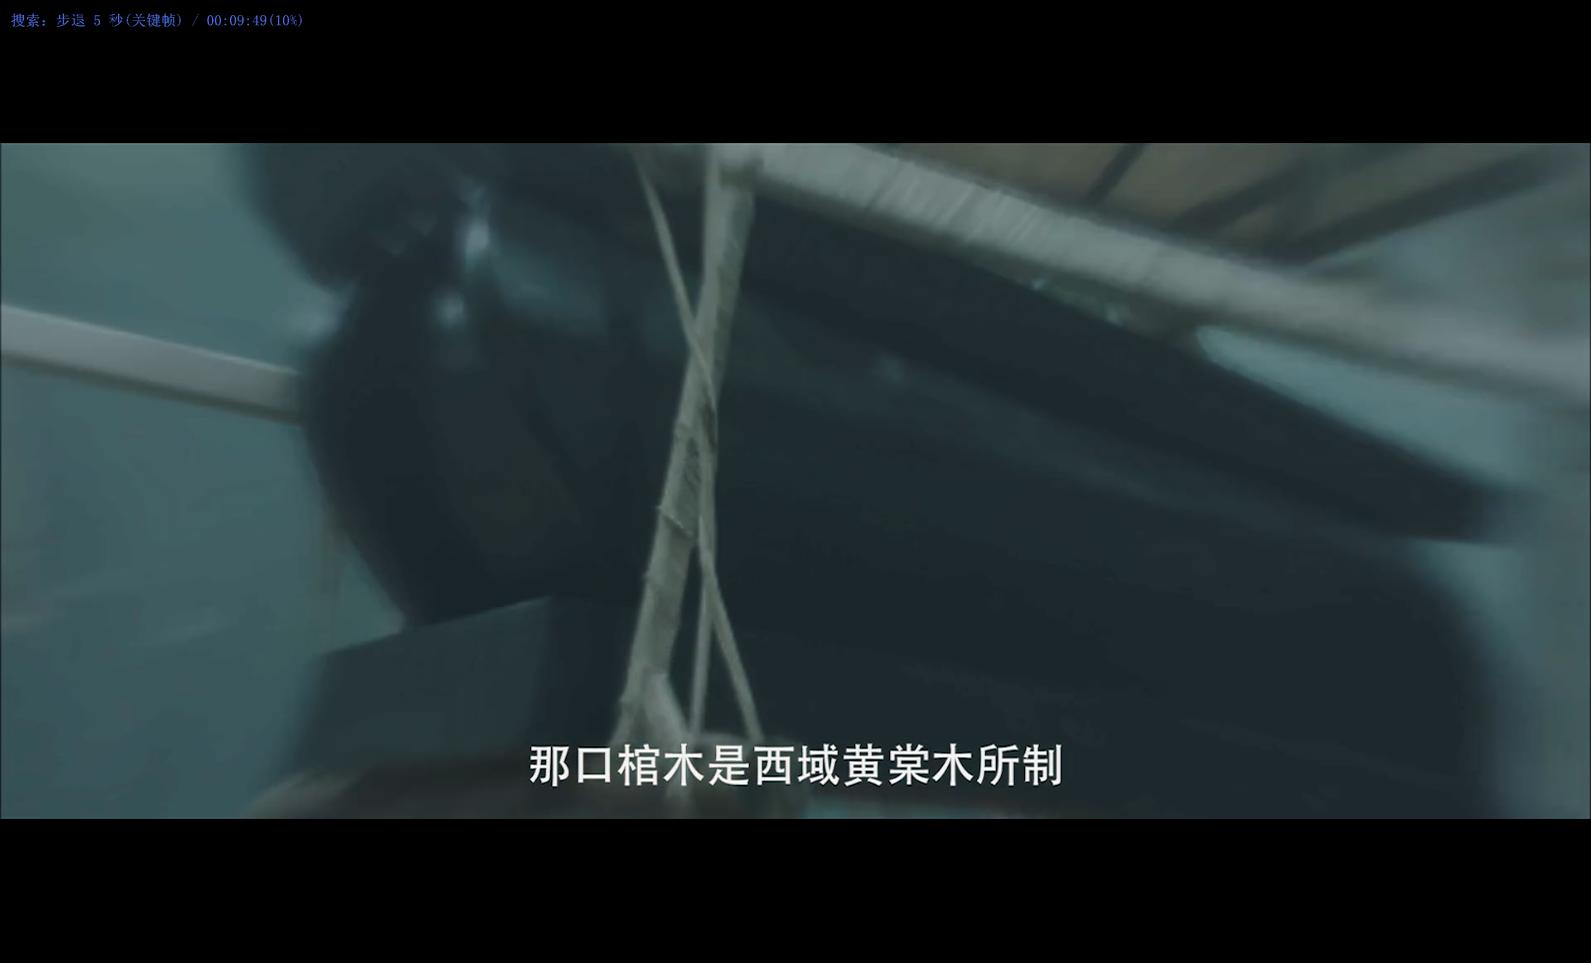 2018.[剧情/动作/悬疑][狄仁杰之幽冥道]HD1080P迅雷百度云高清下载图片 第3张